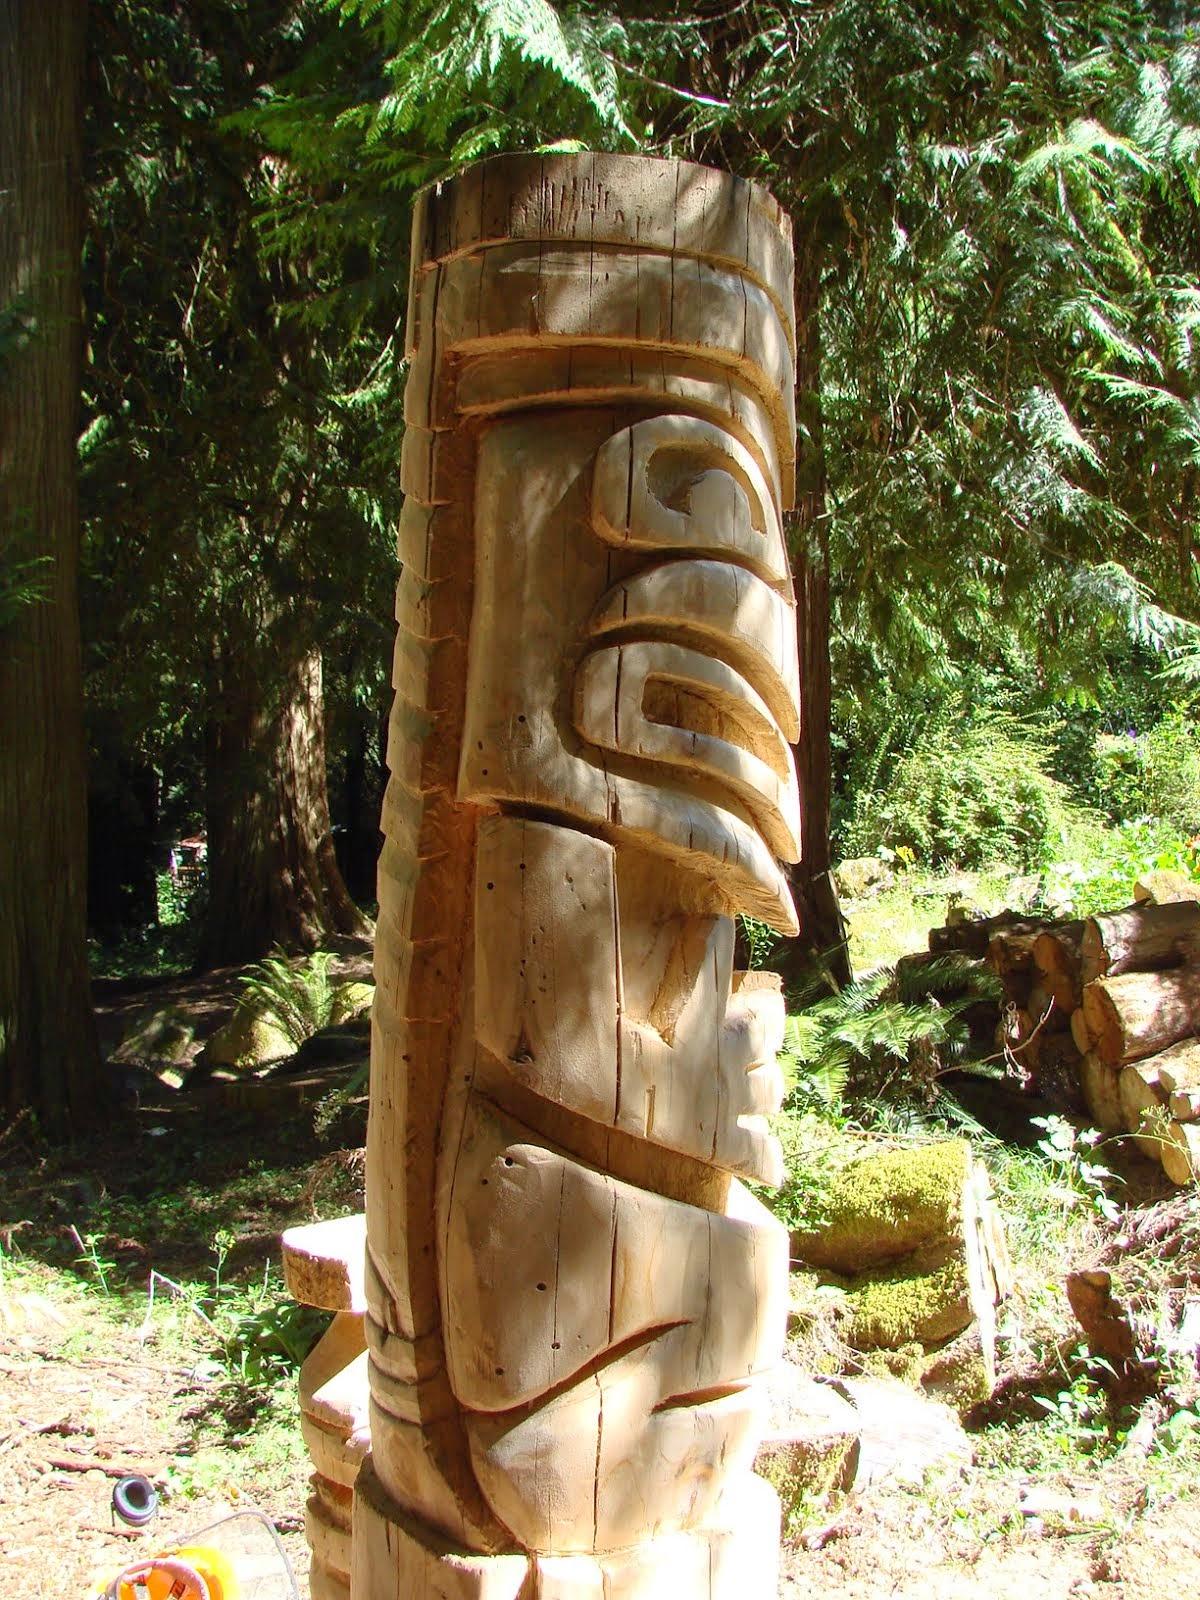 The top carving looks Alaskan.